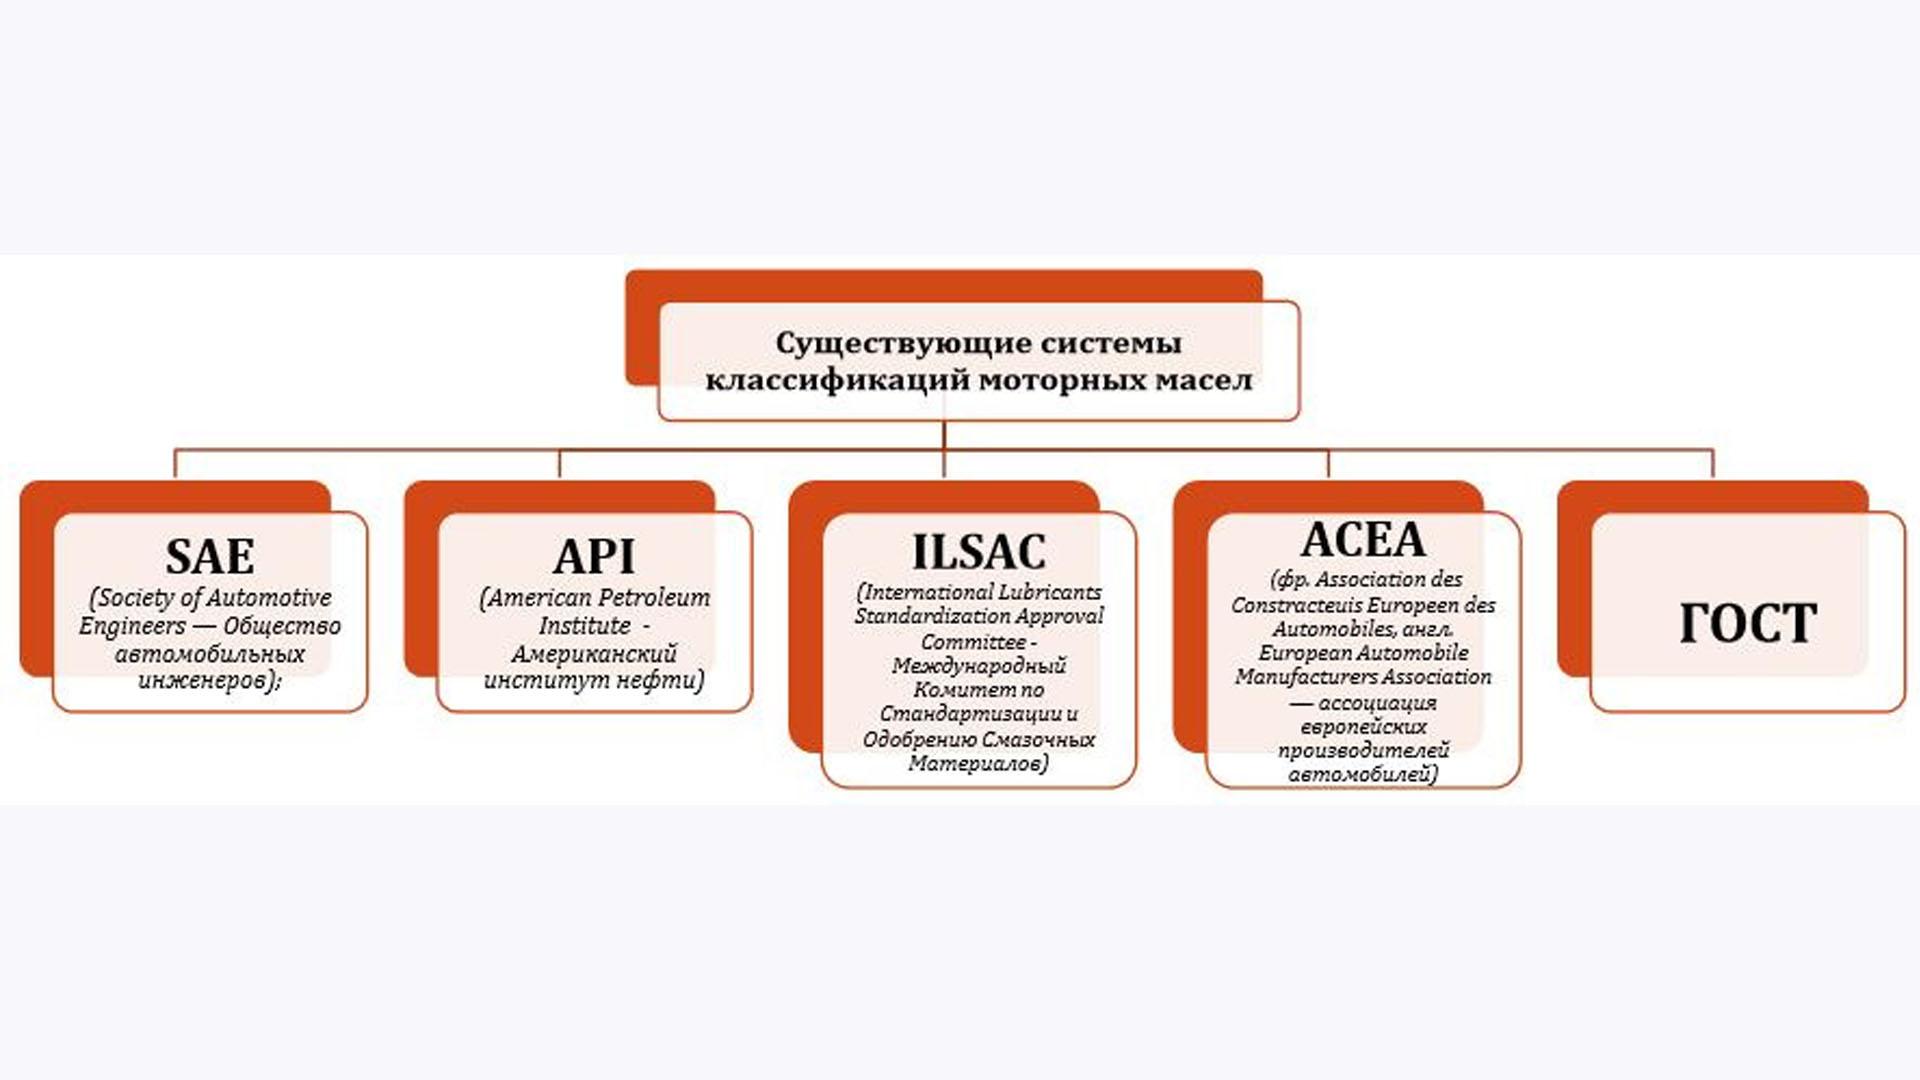 Классификация моторных масле по SAE, API, ACEA, ГОСТ